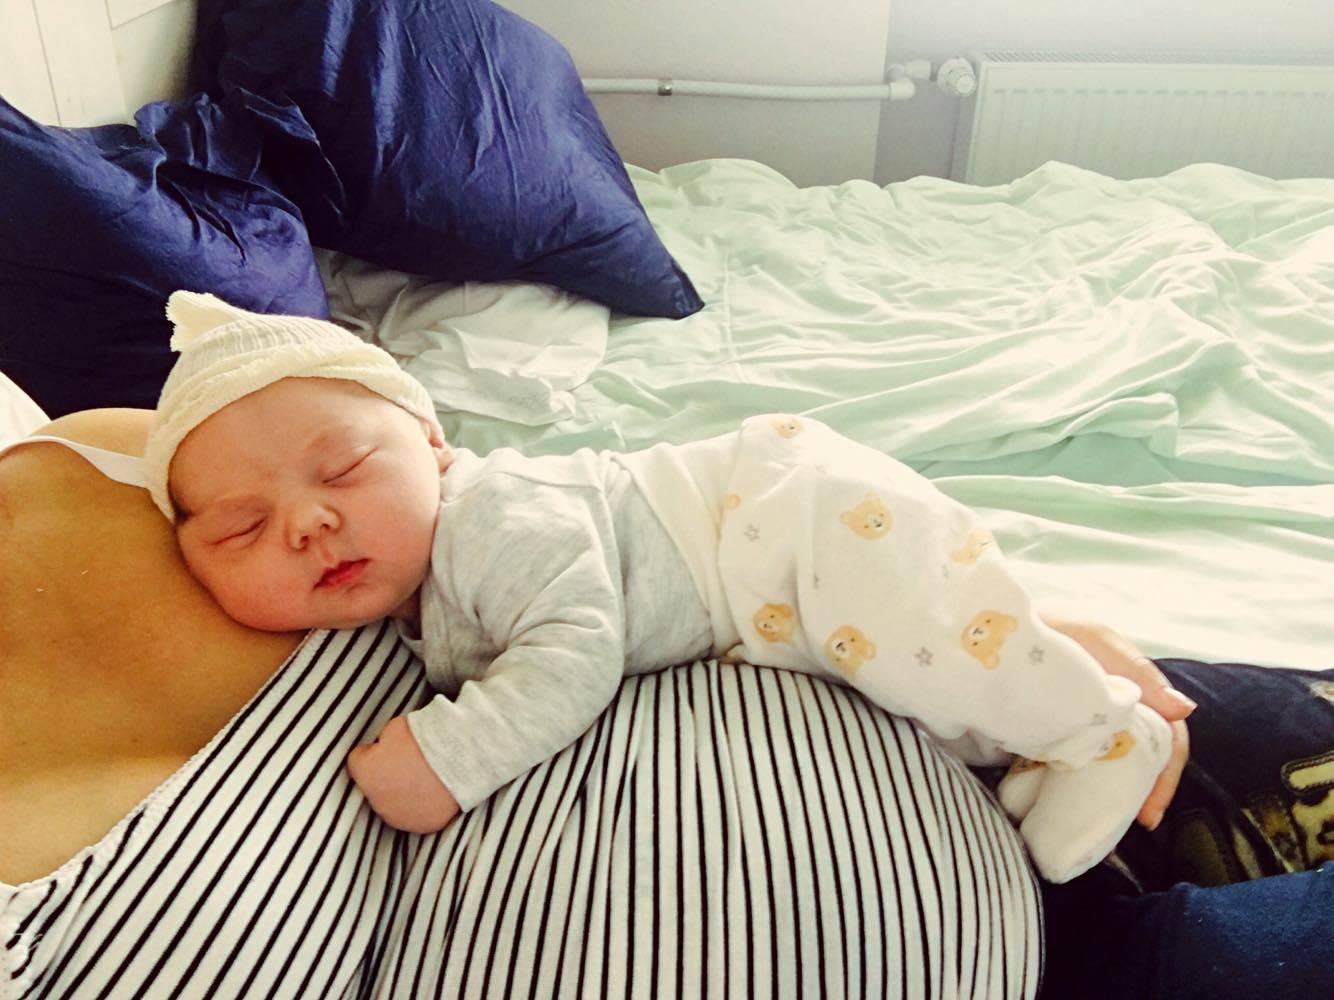 0097b9f05b5 Esimesed kaks nädalat peale sünnitust olid väga rasked. Esimene nädal oli  sellepärast keeruline, et värske haava tõttu oli ennast väga paha keerata.